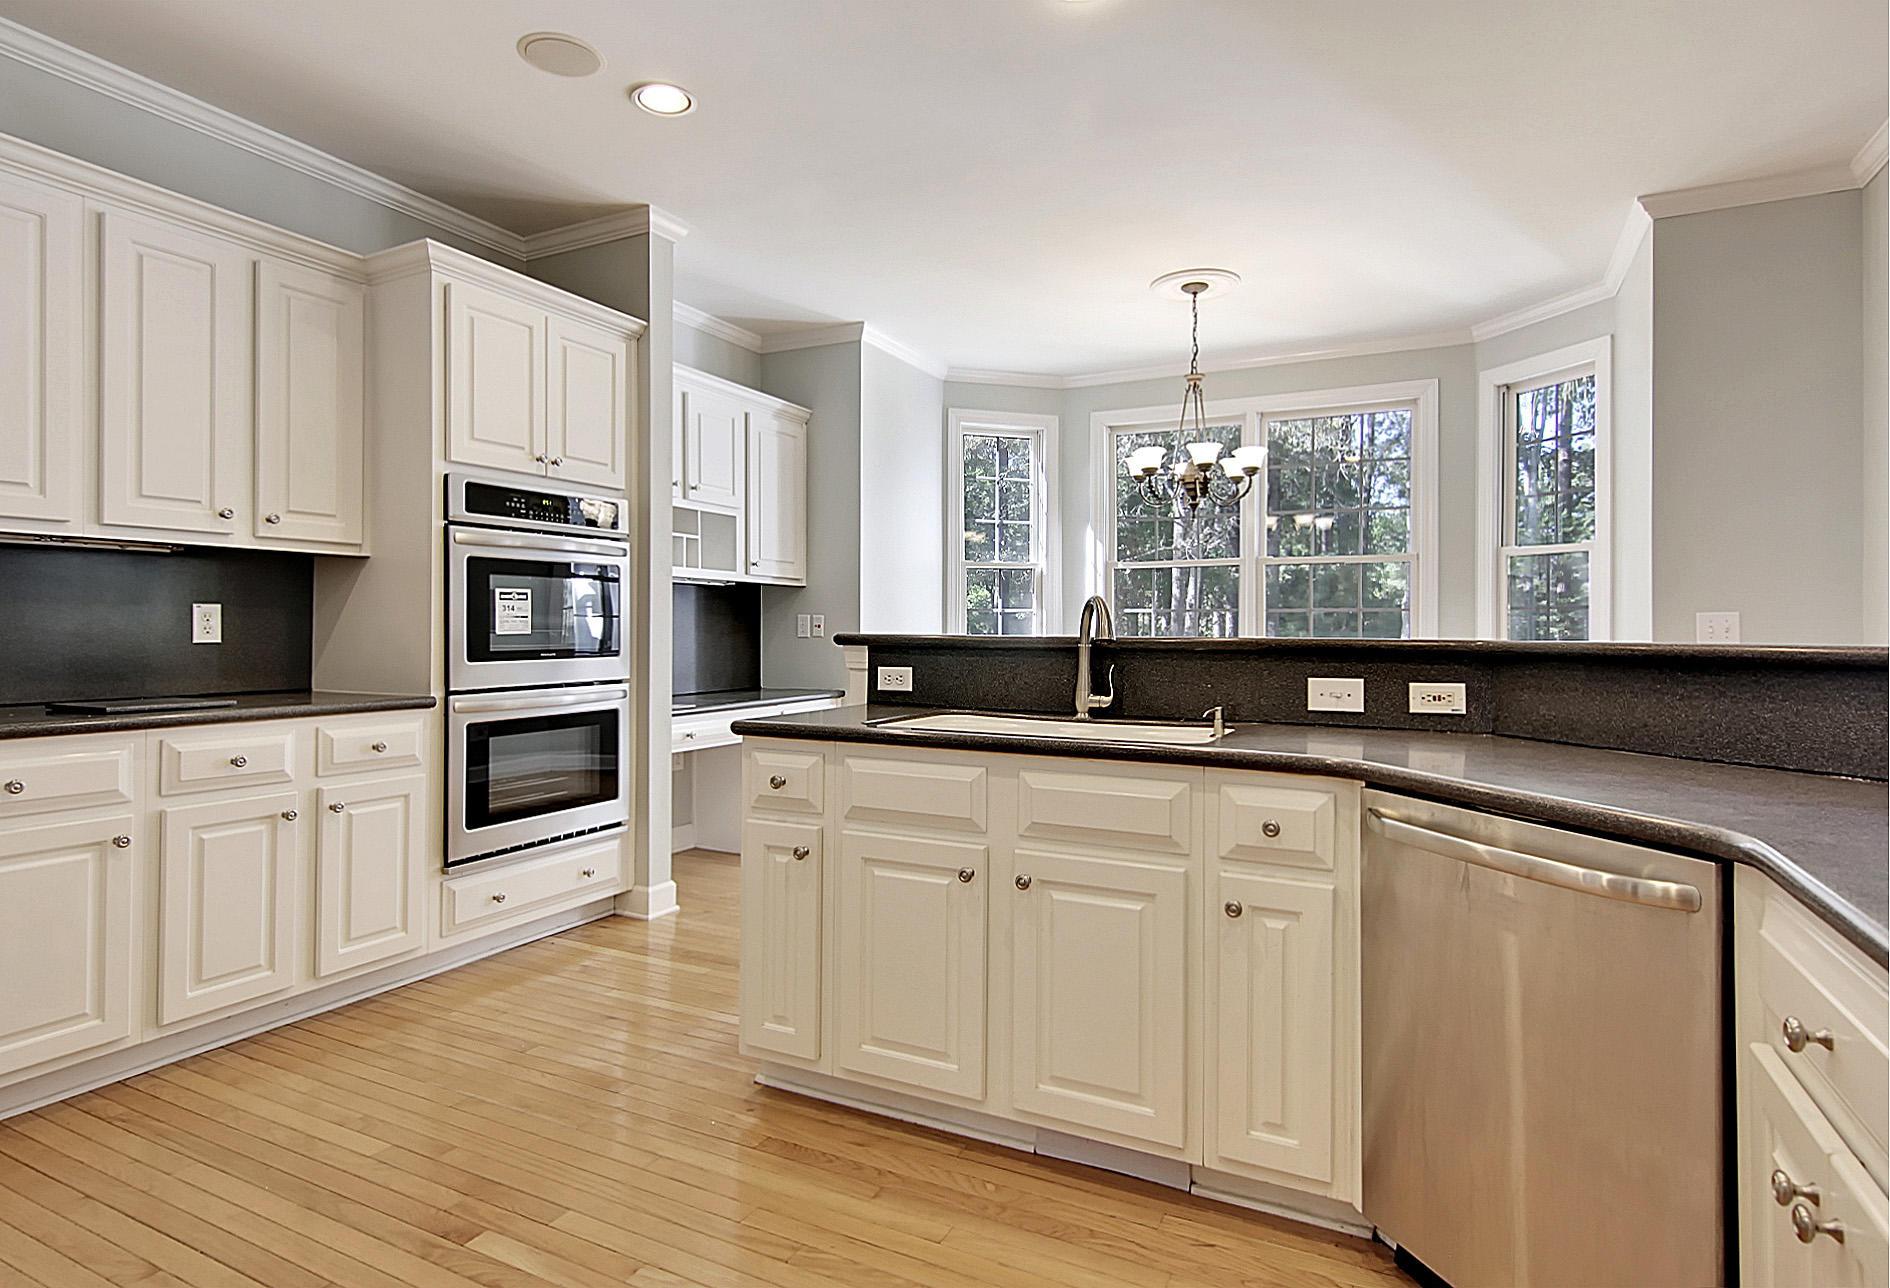 Dunes West Homes For Sale - 2236 Black Oak, Mount Pleasant, SC - 55